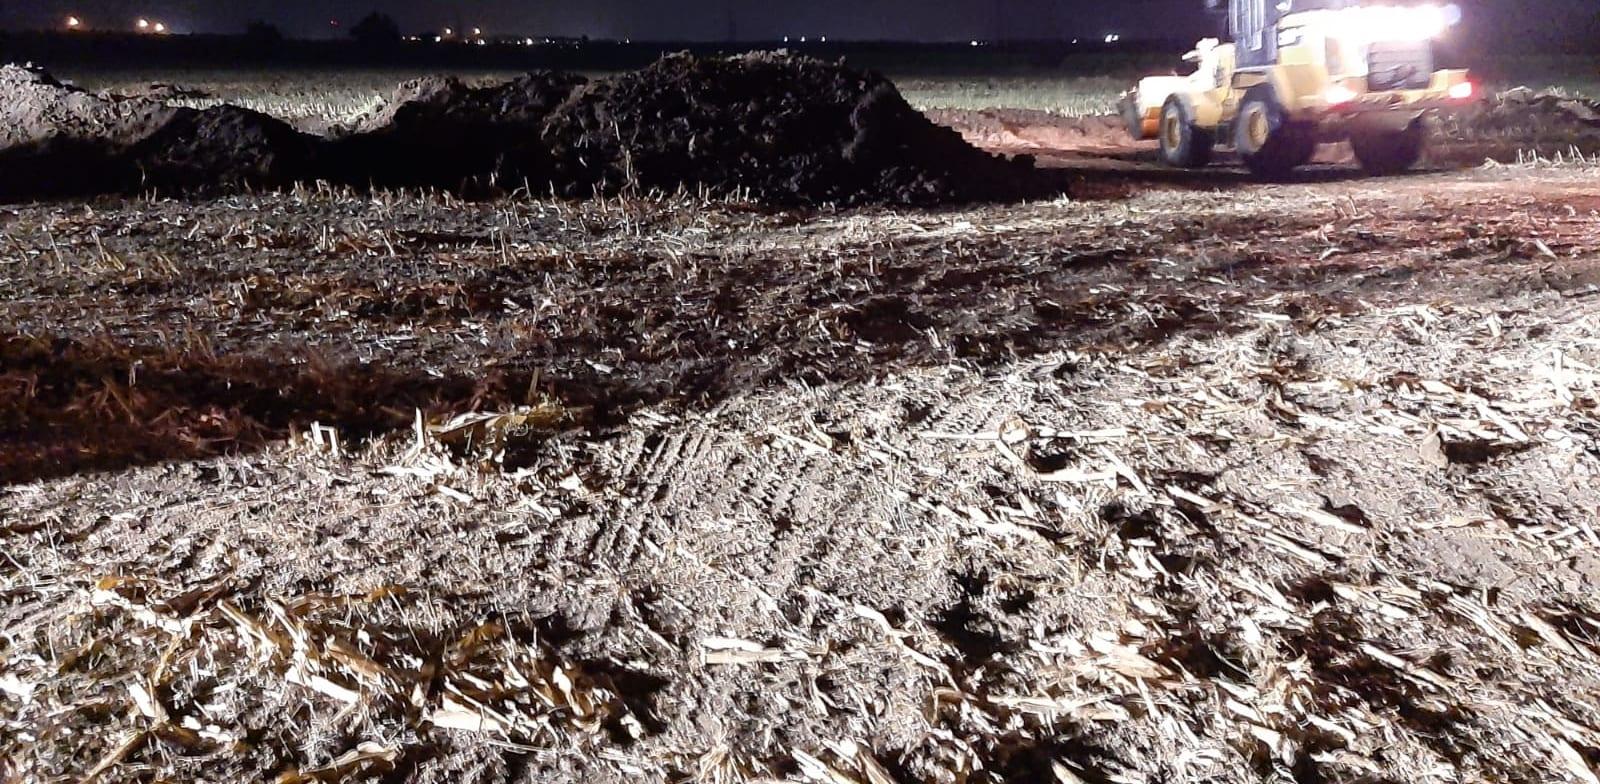 דליפת דלק בקצא''א בקו החברה במועצה האזורית חוף אשקלון / צילום: המשרד להגנת הסביבה